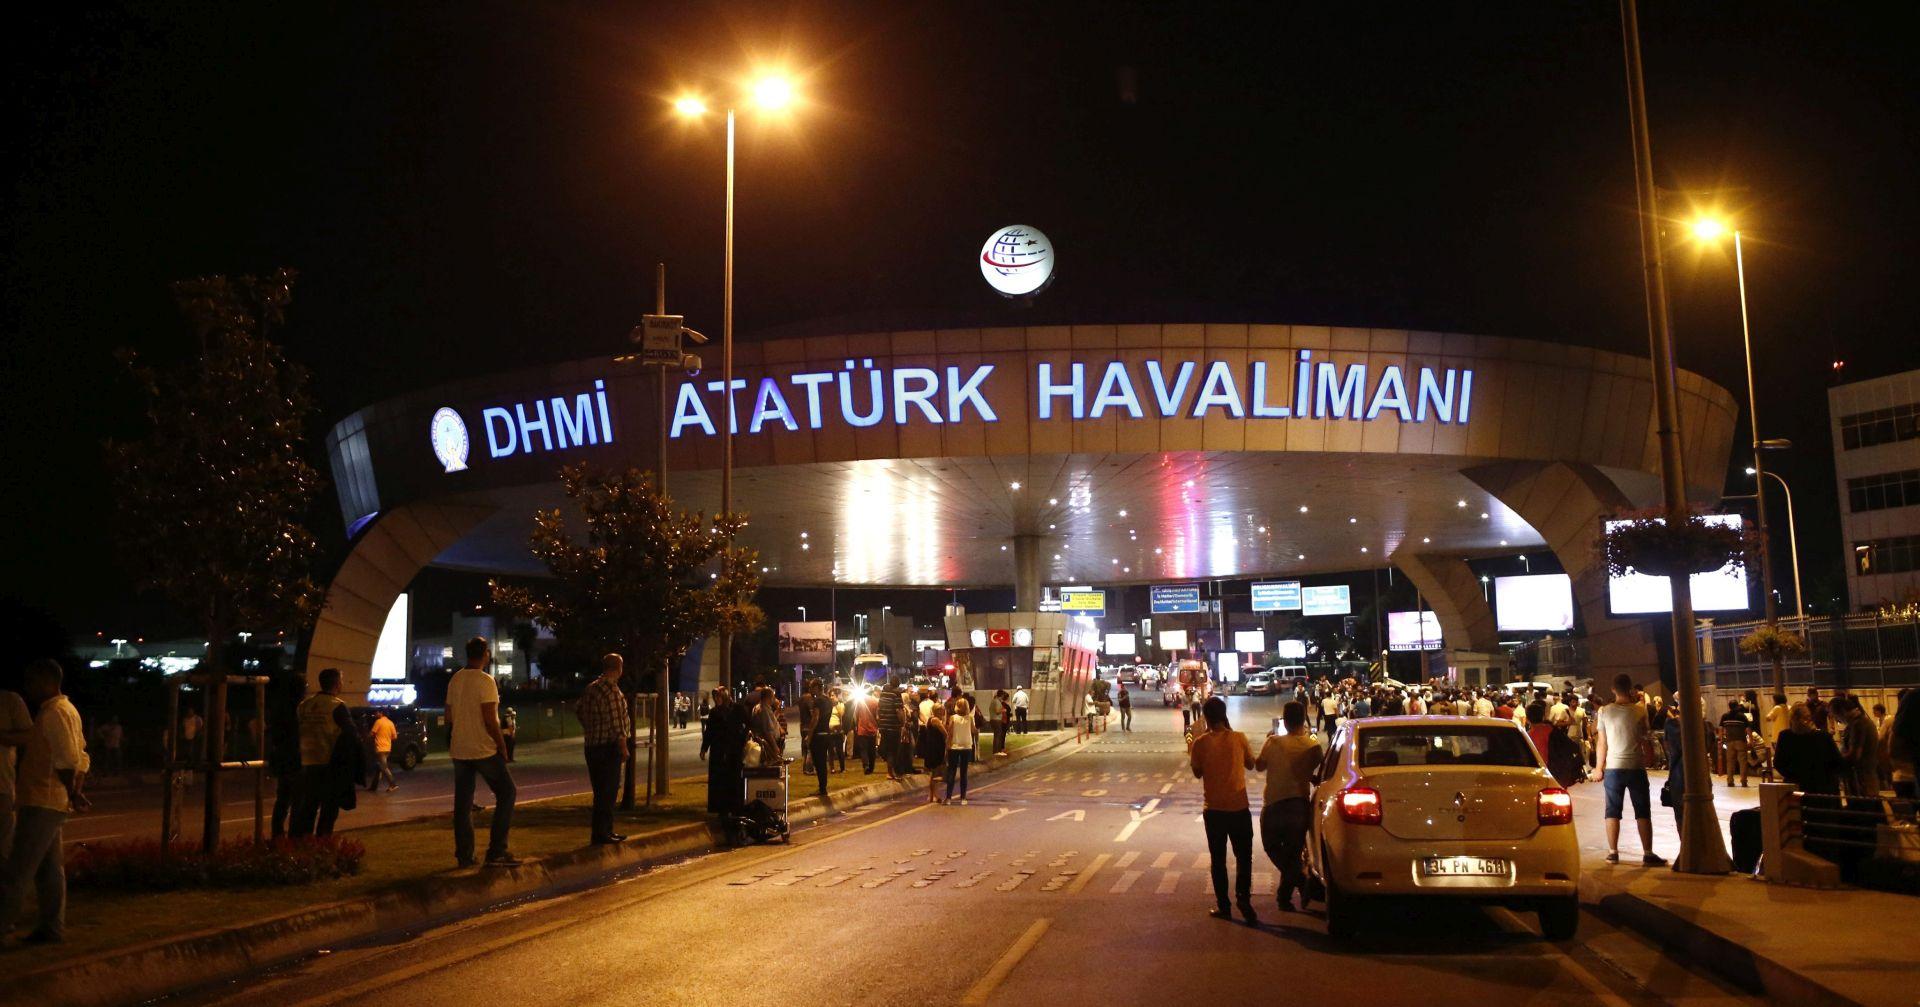 SAMOUBILAČKI NAPADI NA ISTANBULSKOM AERODROMU: 36 osoba poginulo, 147 ranjeno